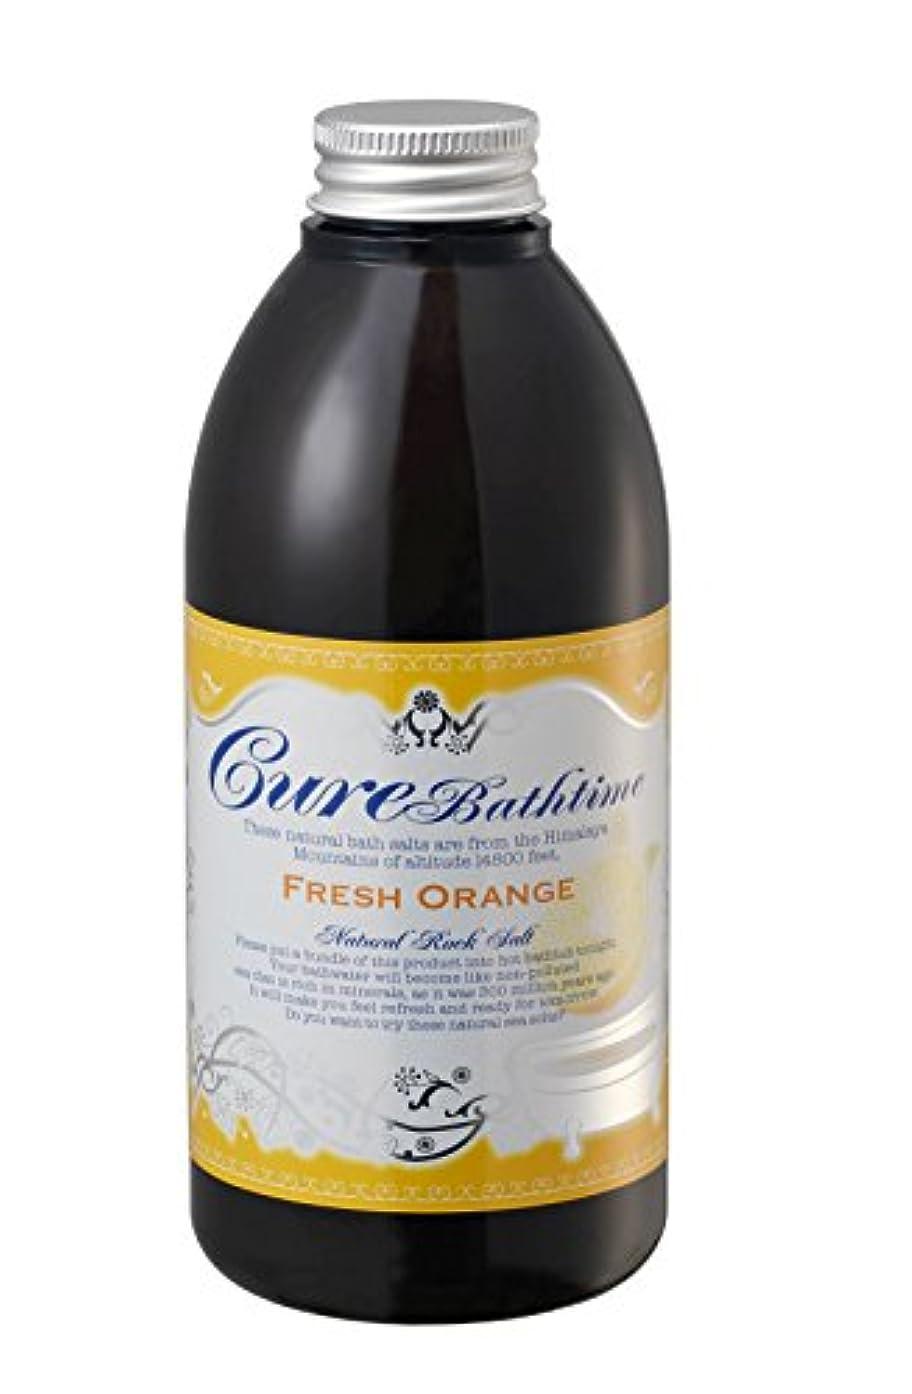 活力染色図書館Cure(キュア) ヒマラヤ岩塩バスソルト Cureバスタイム フレッシュオレンジの香り500g 入浴剤 500g